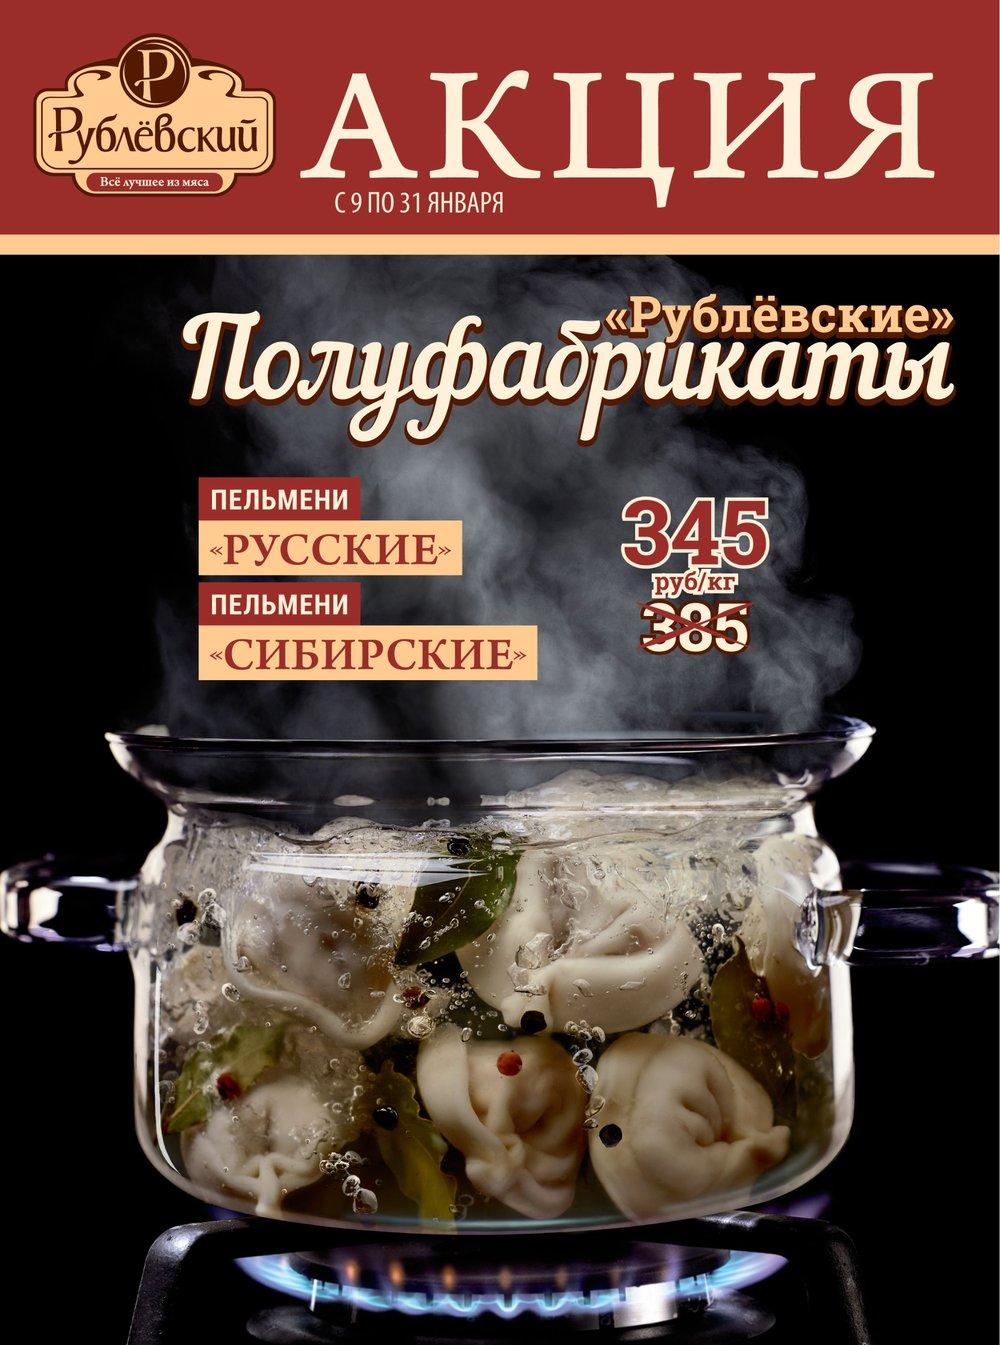 Каталог акций Рублевский с 9 по 31 января 2018 - стр. 1